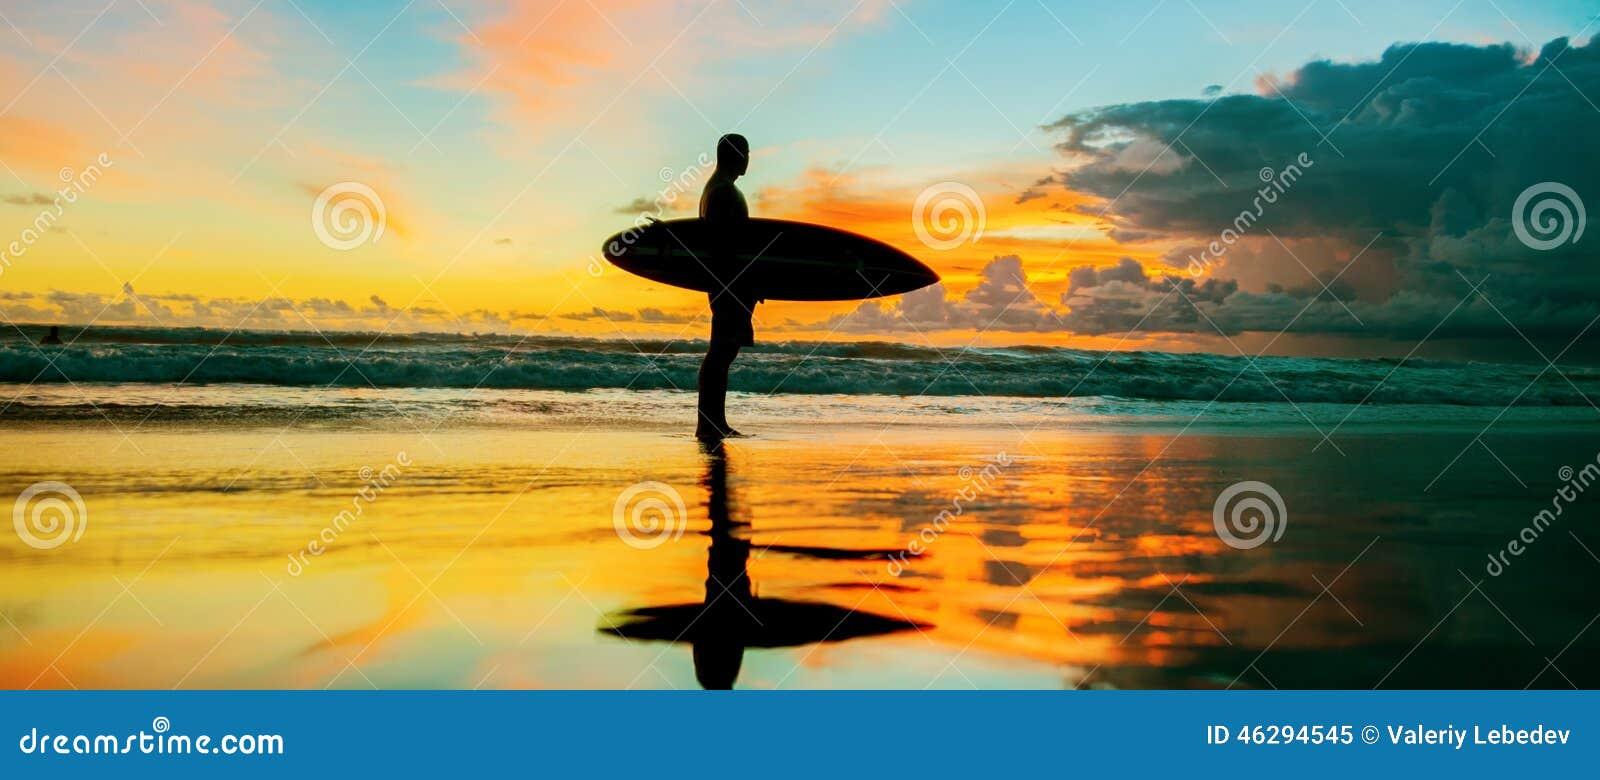 Persona que practica surf con el tablero